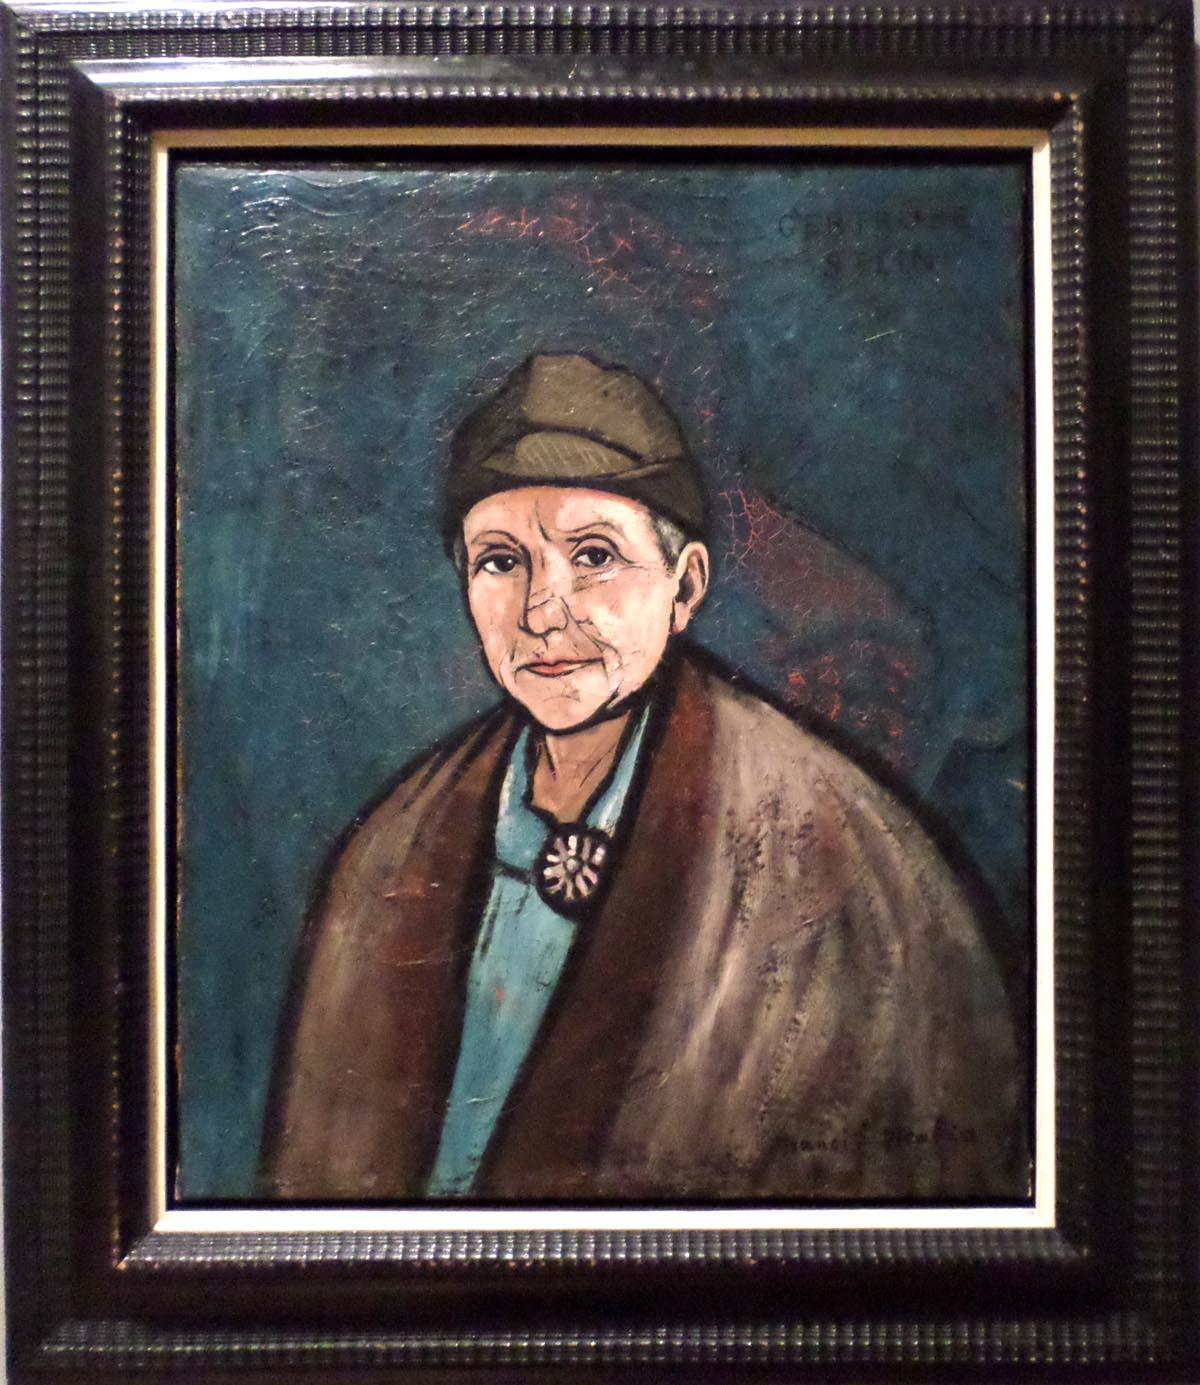 Gertrude Stein (1937)